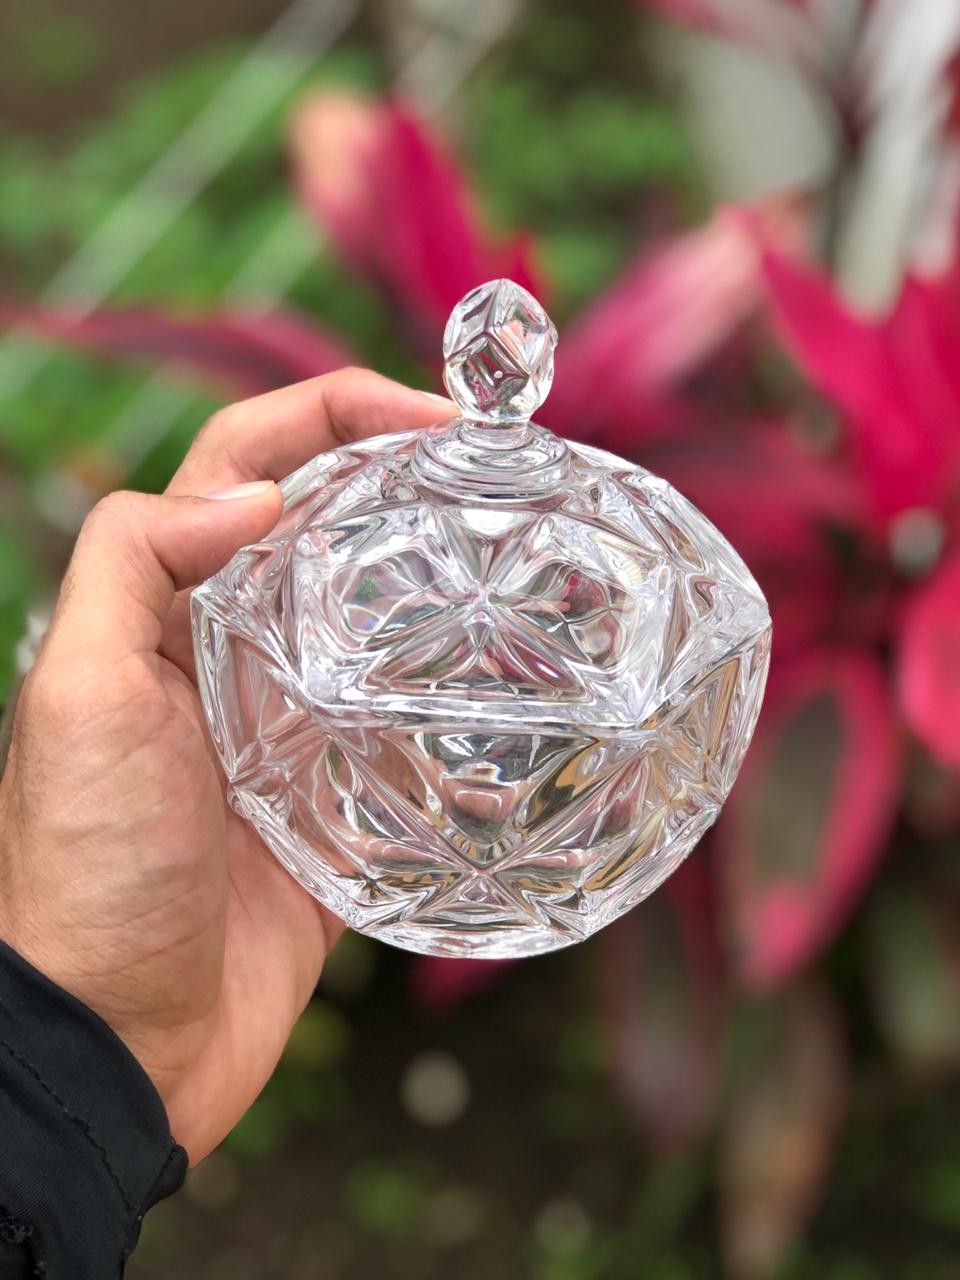 bomboniere de cristal potiche flamenco A13 x D12 enfeite vidro vaso decorativo